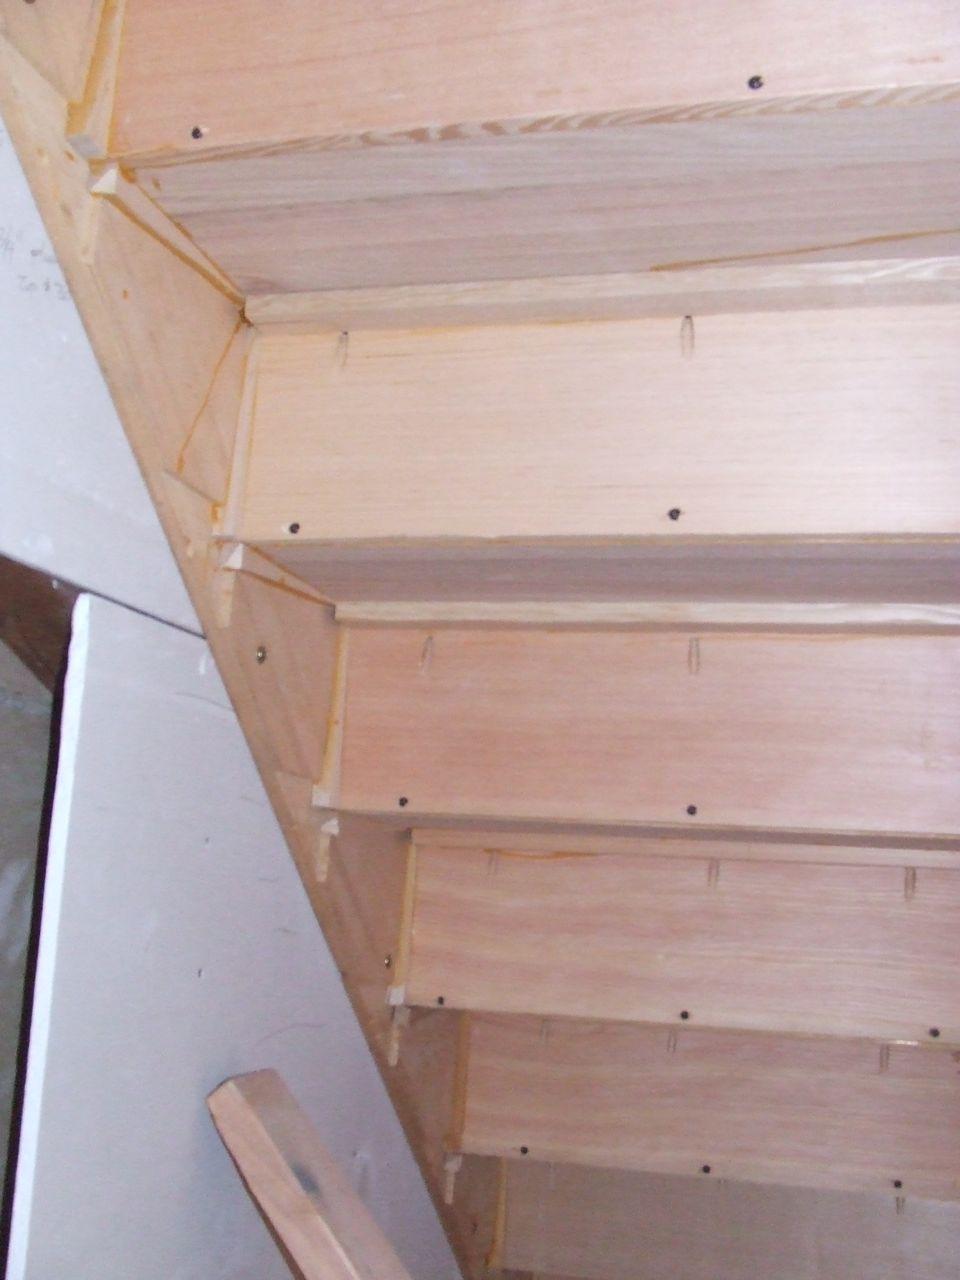 Loose stairs-dscf0826.jpg